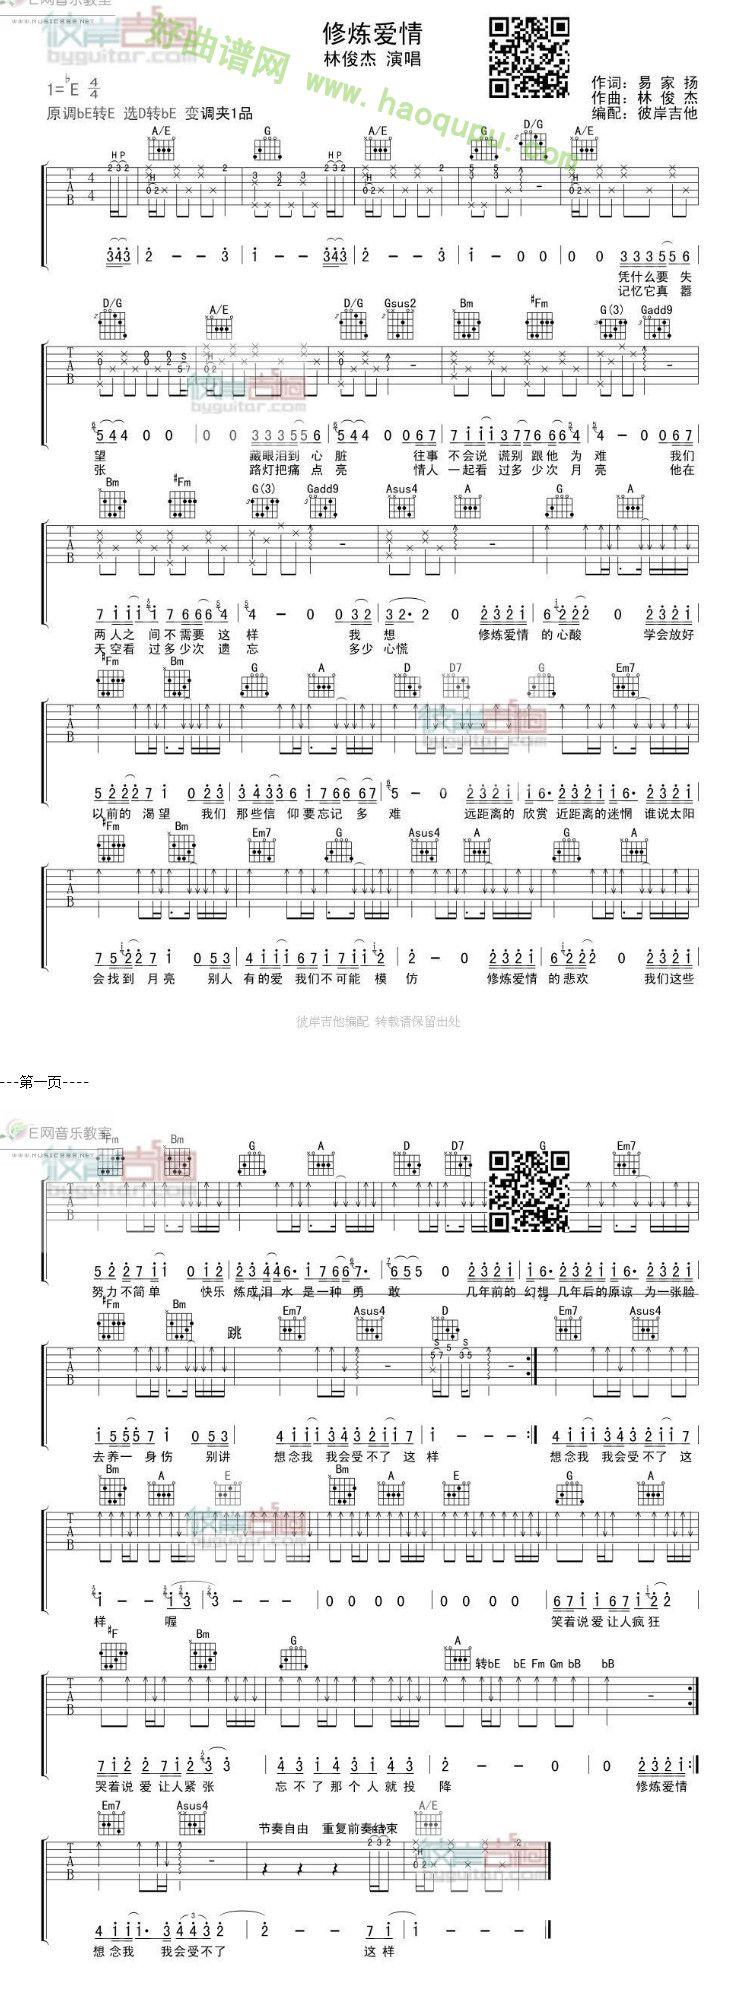 杰演唱) - 吉他谱